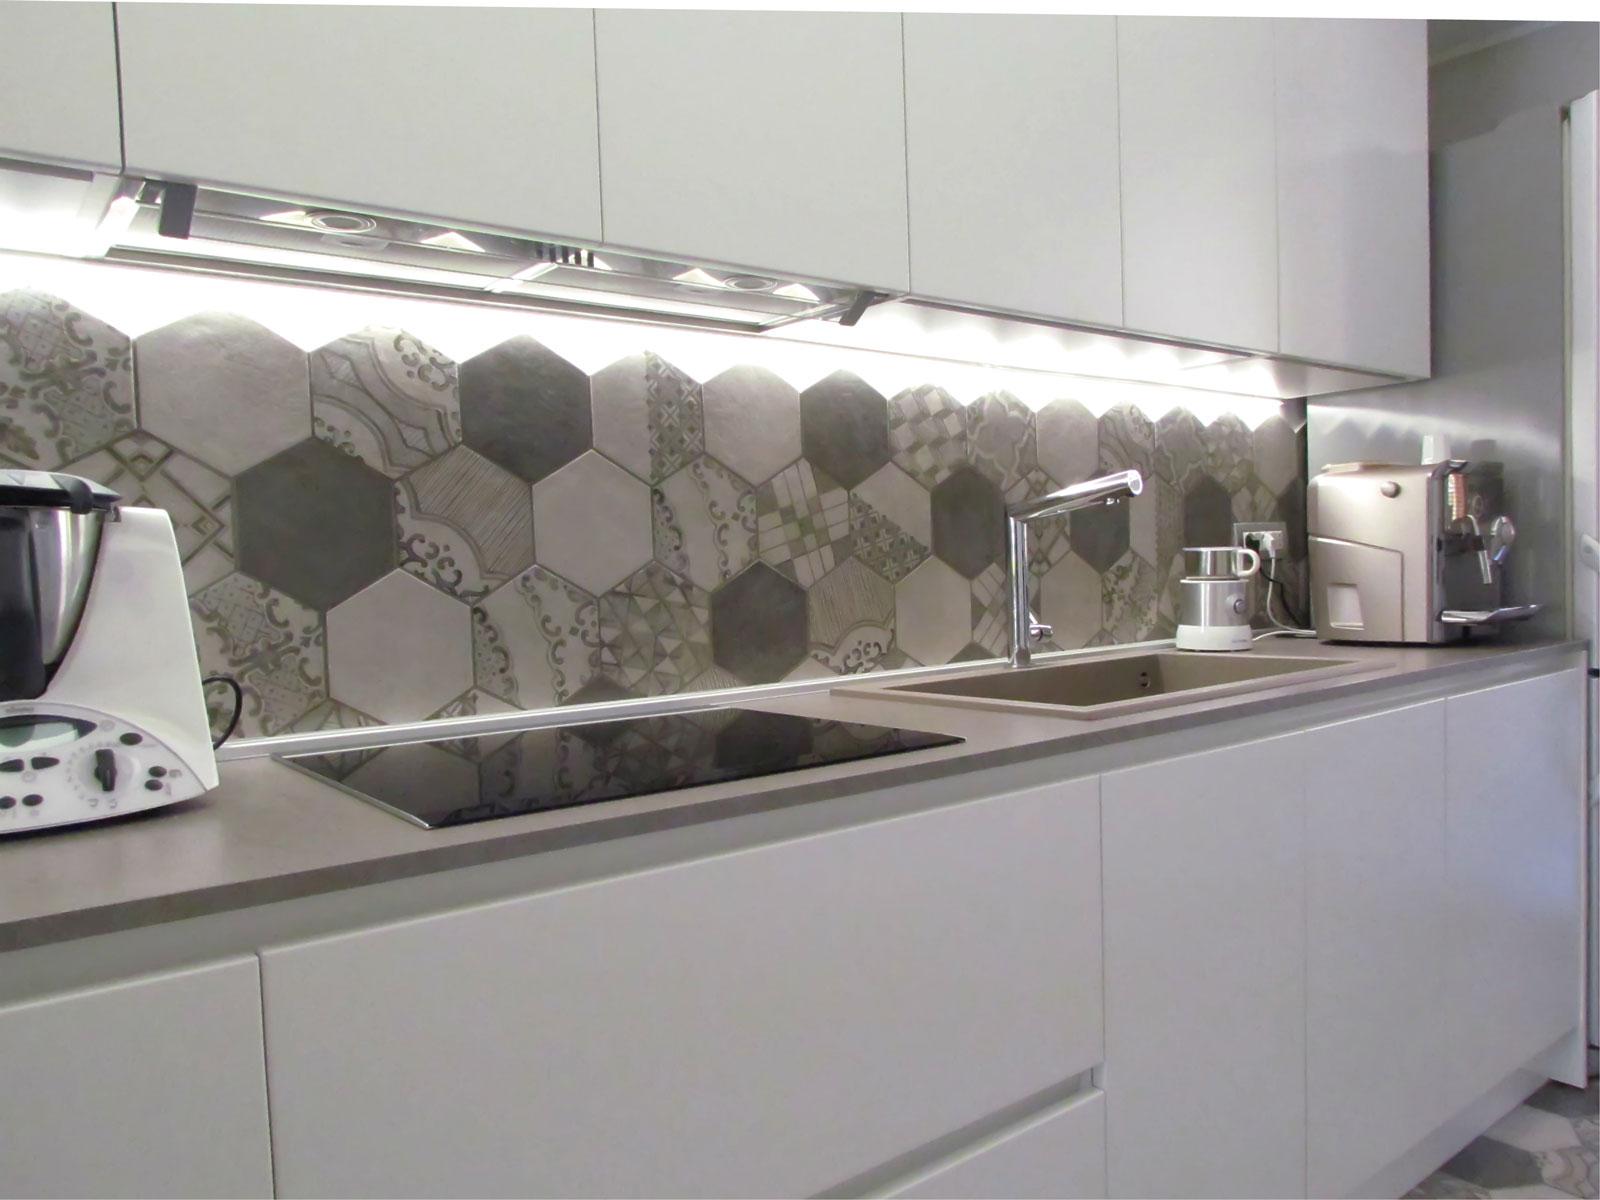 Stunning Piastrelle Muro Cucina Contemporary - Acomo.us - acomo.us